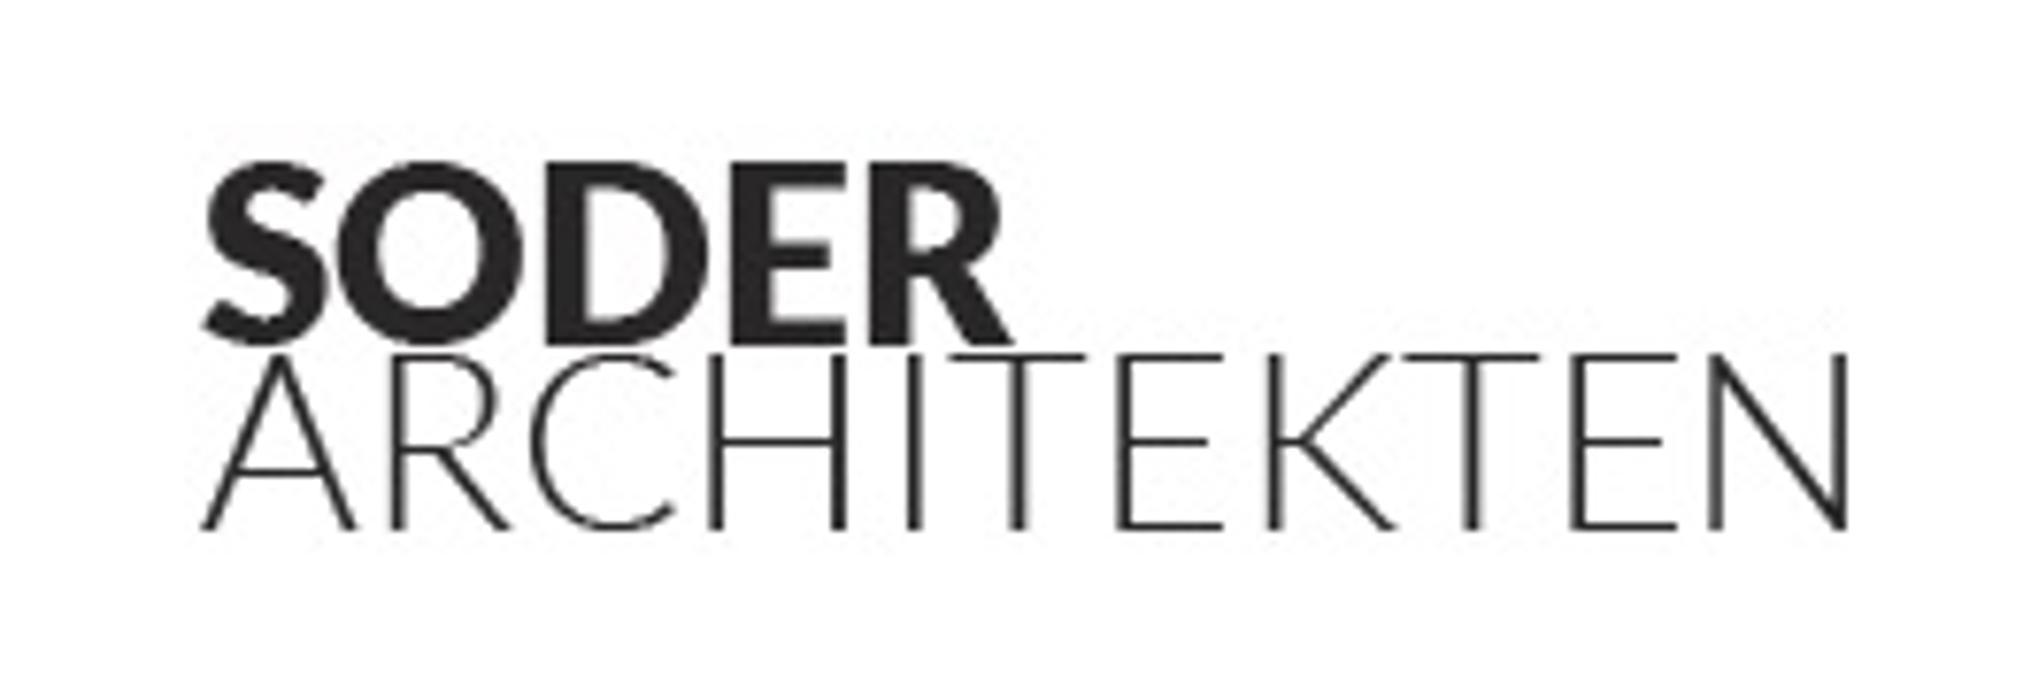 thorsten friedrich architekt bruchsal am mantel 1 ffnungszeiten angebote. Black Bedroom Furniture Sets. Home Design Ideas